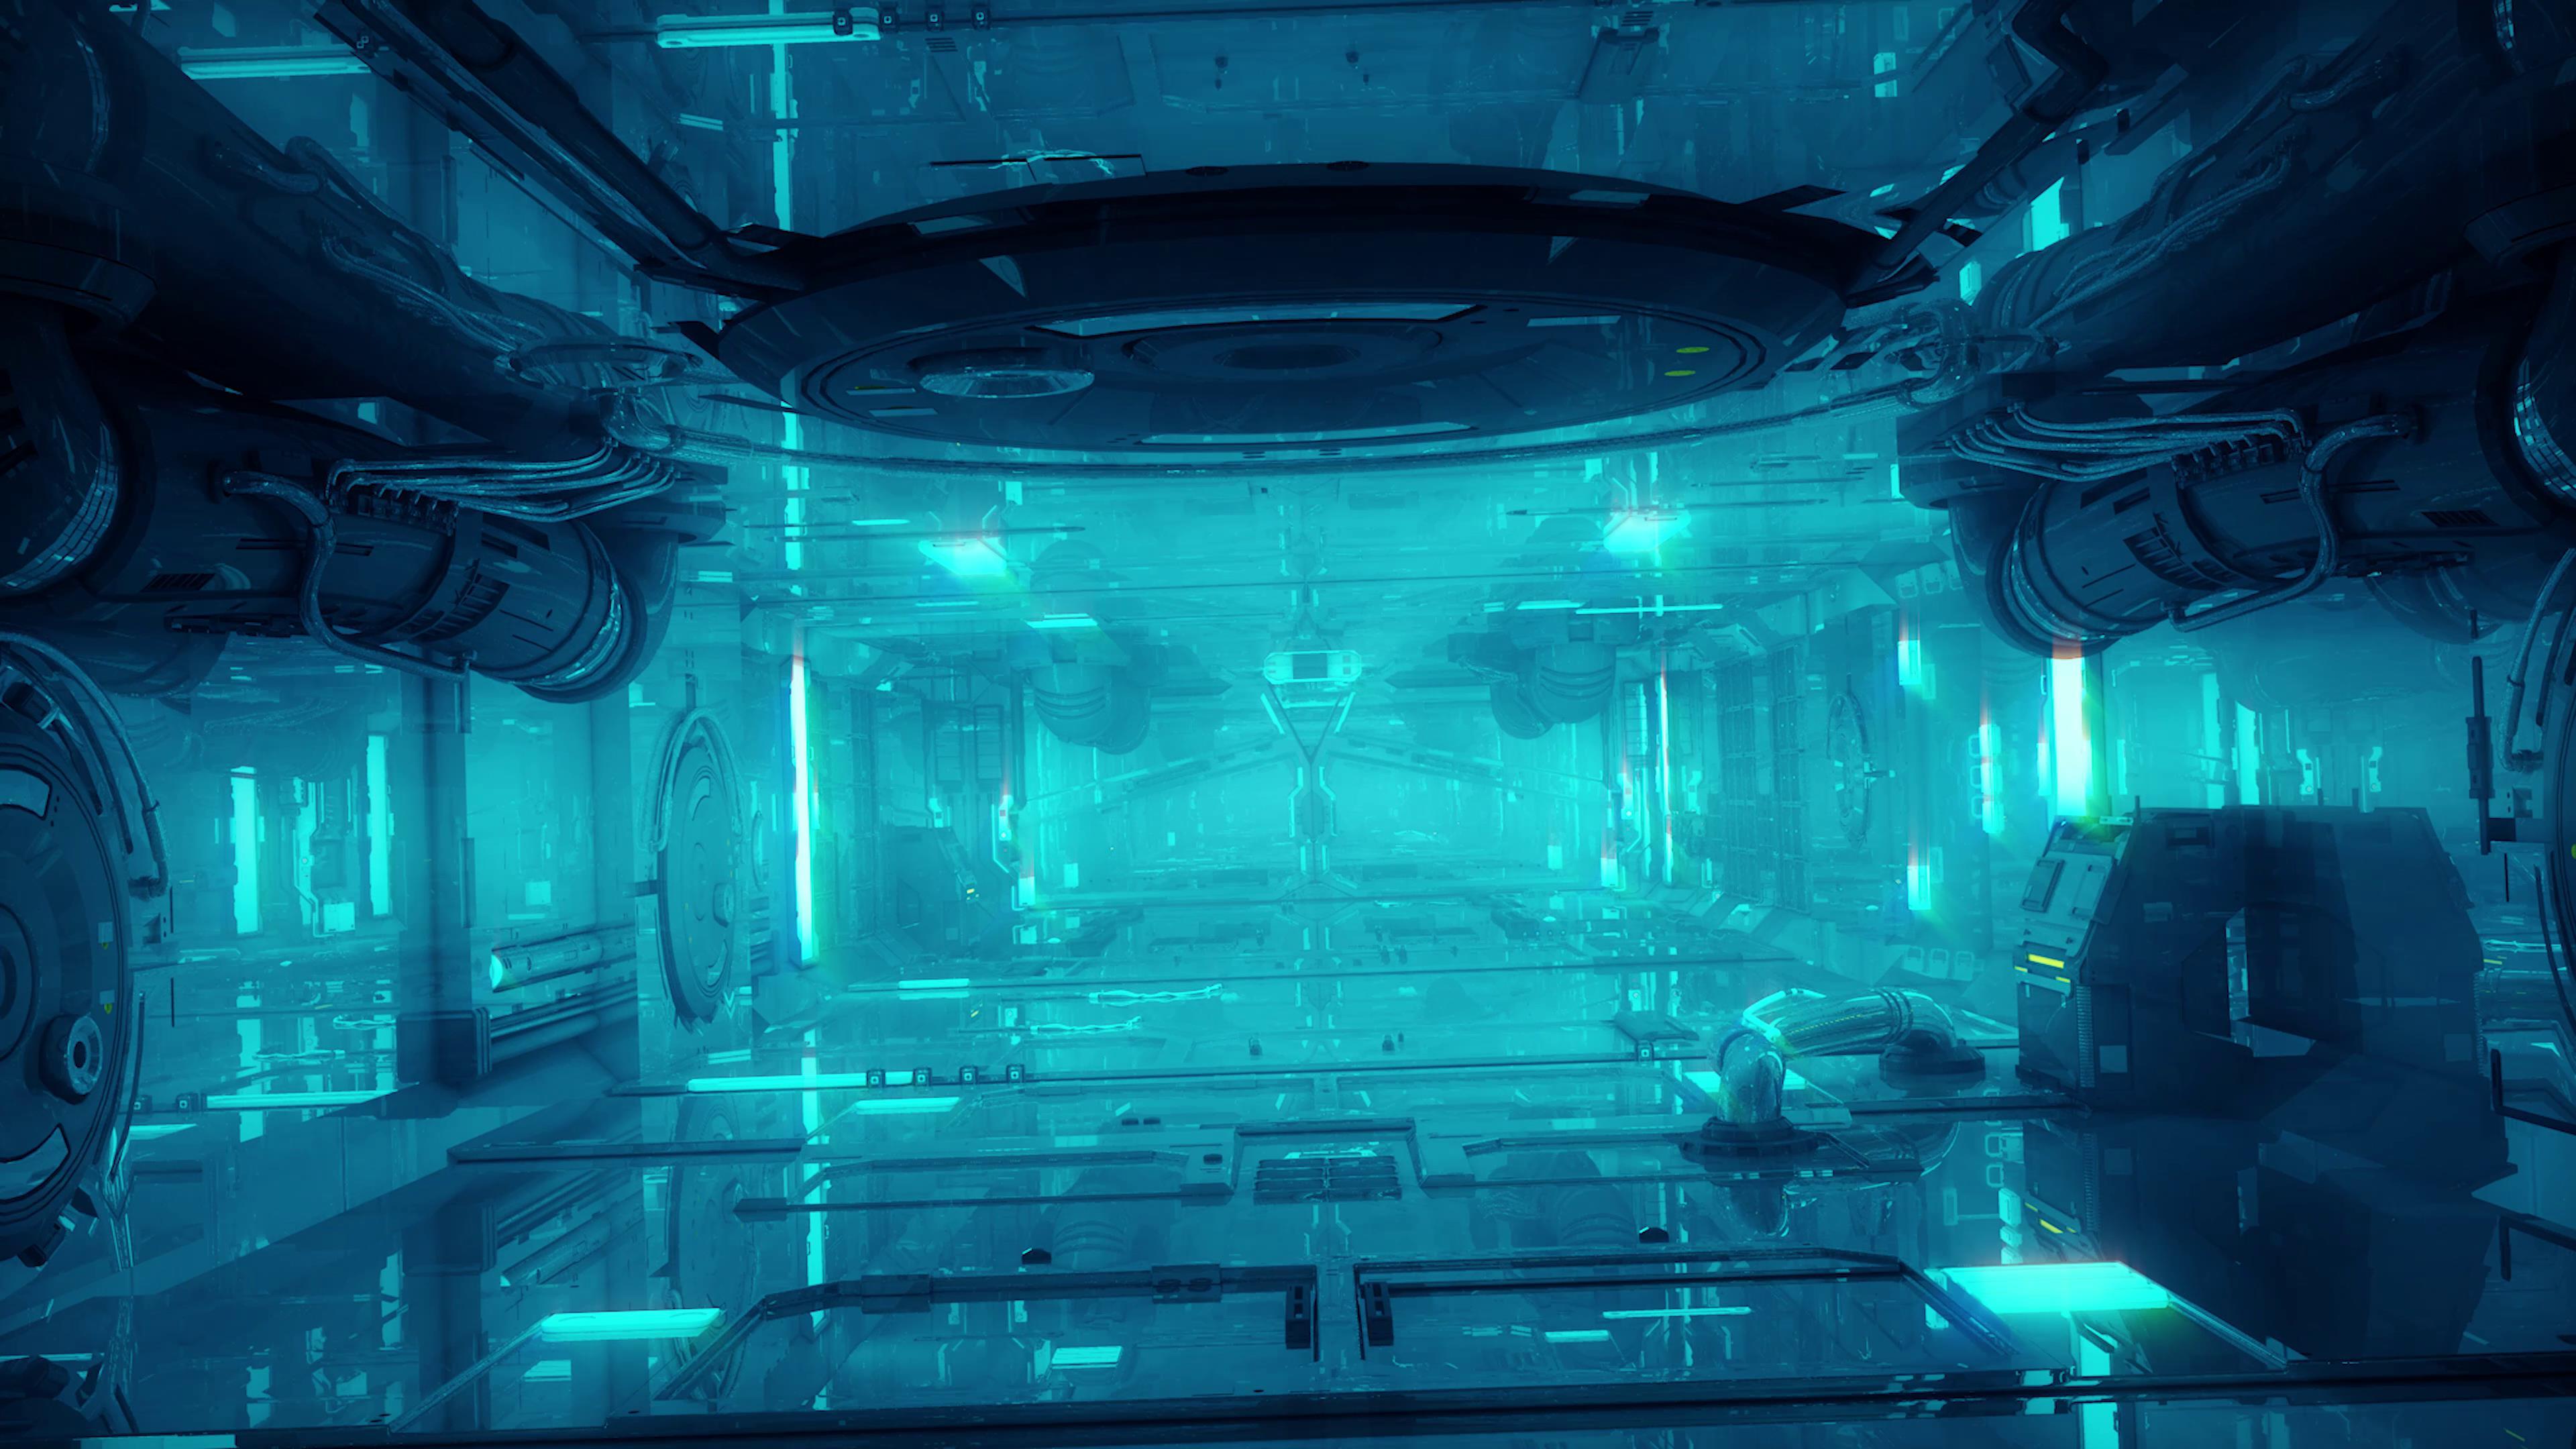 炫酷未来科幻?#25293;?#22826;空舱空间背景视频素材